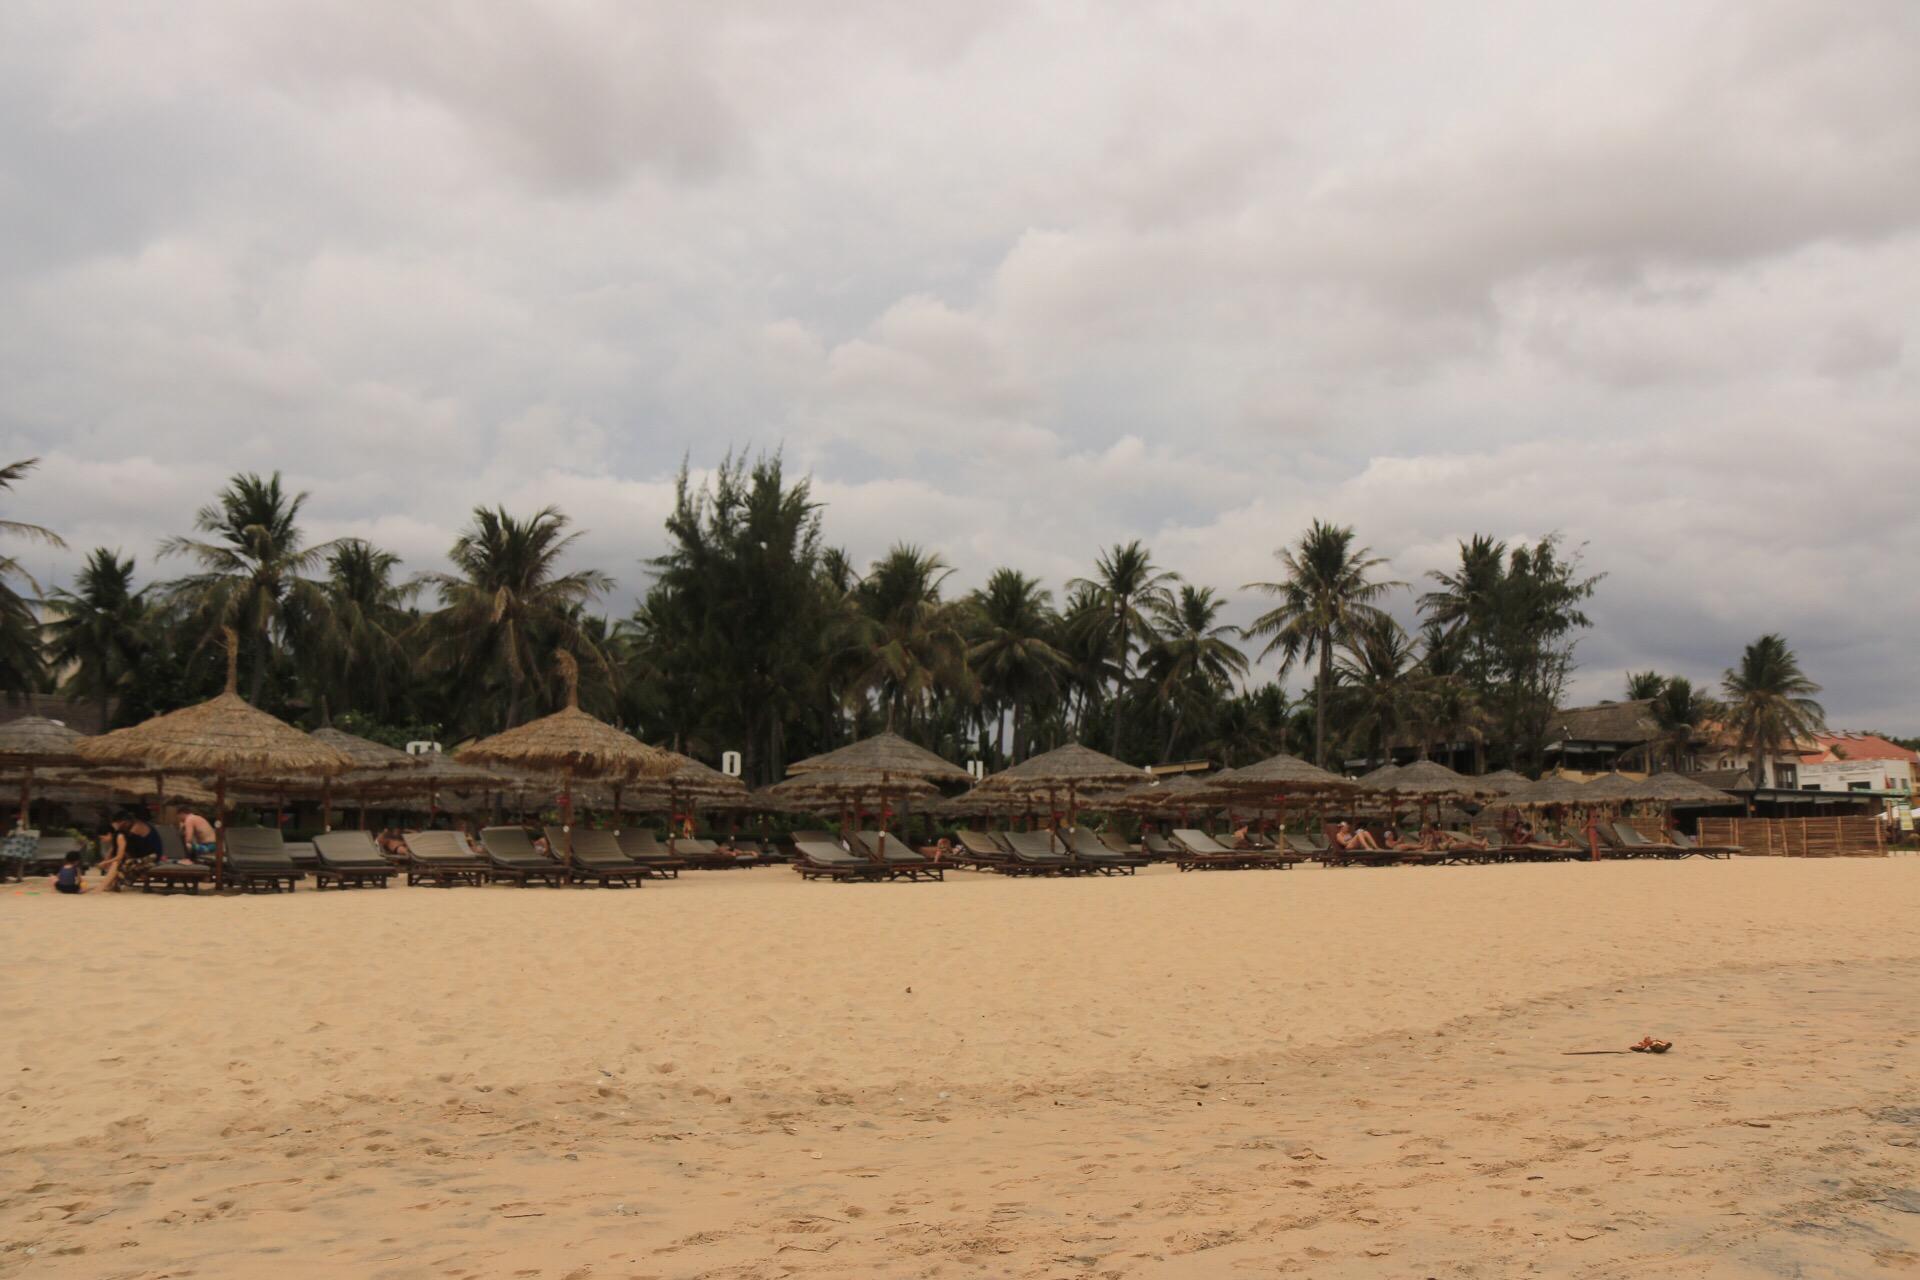 Der Blick vom Strand Richtung Hotelanlage.